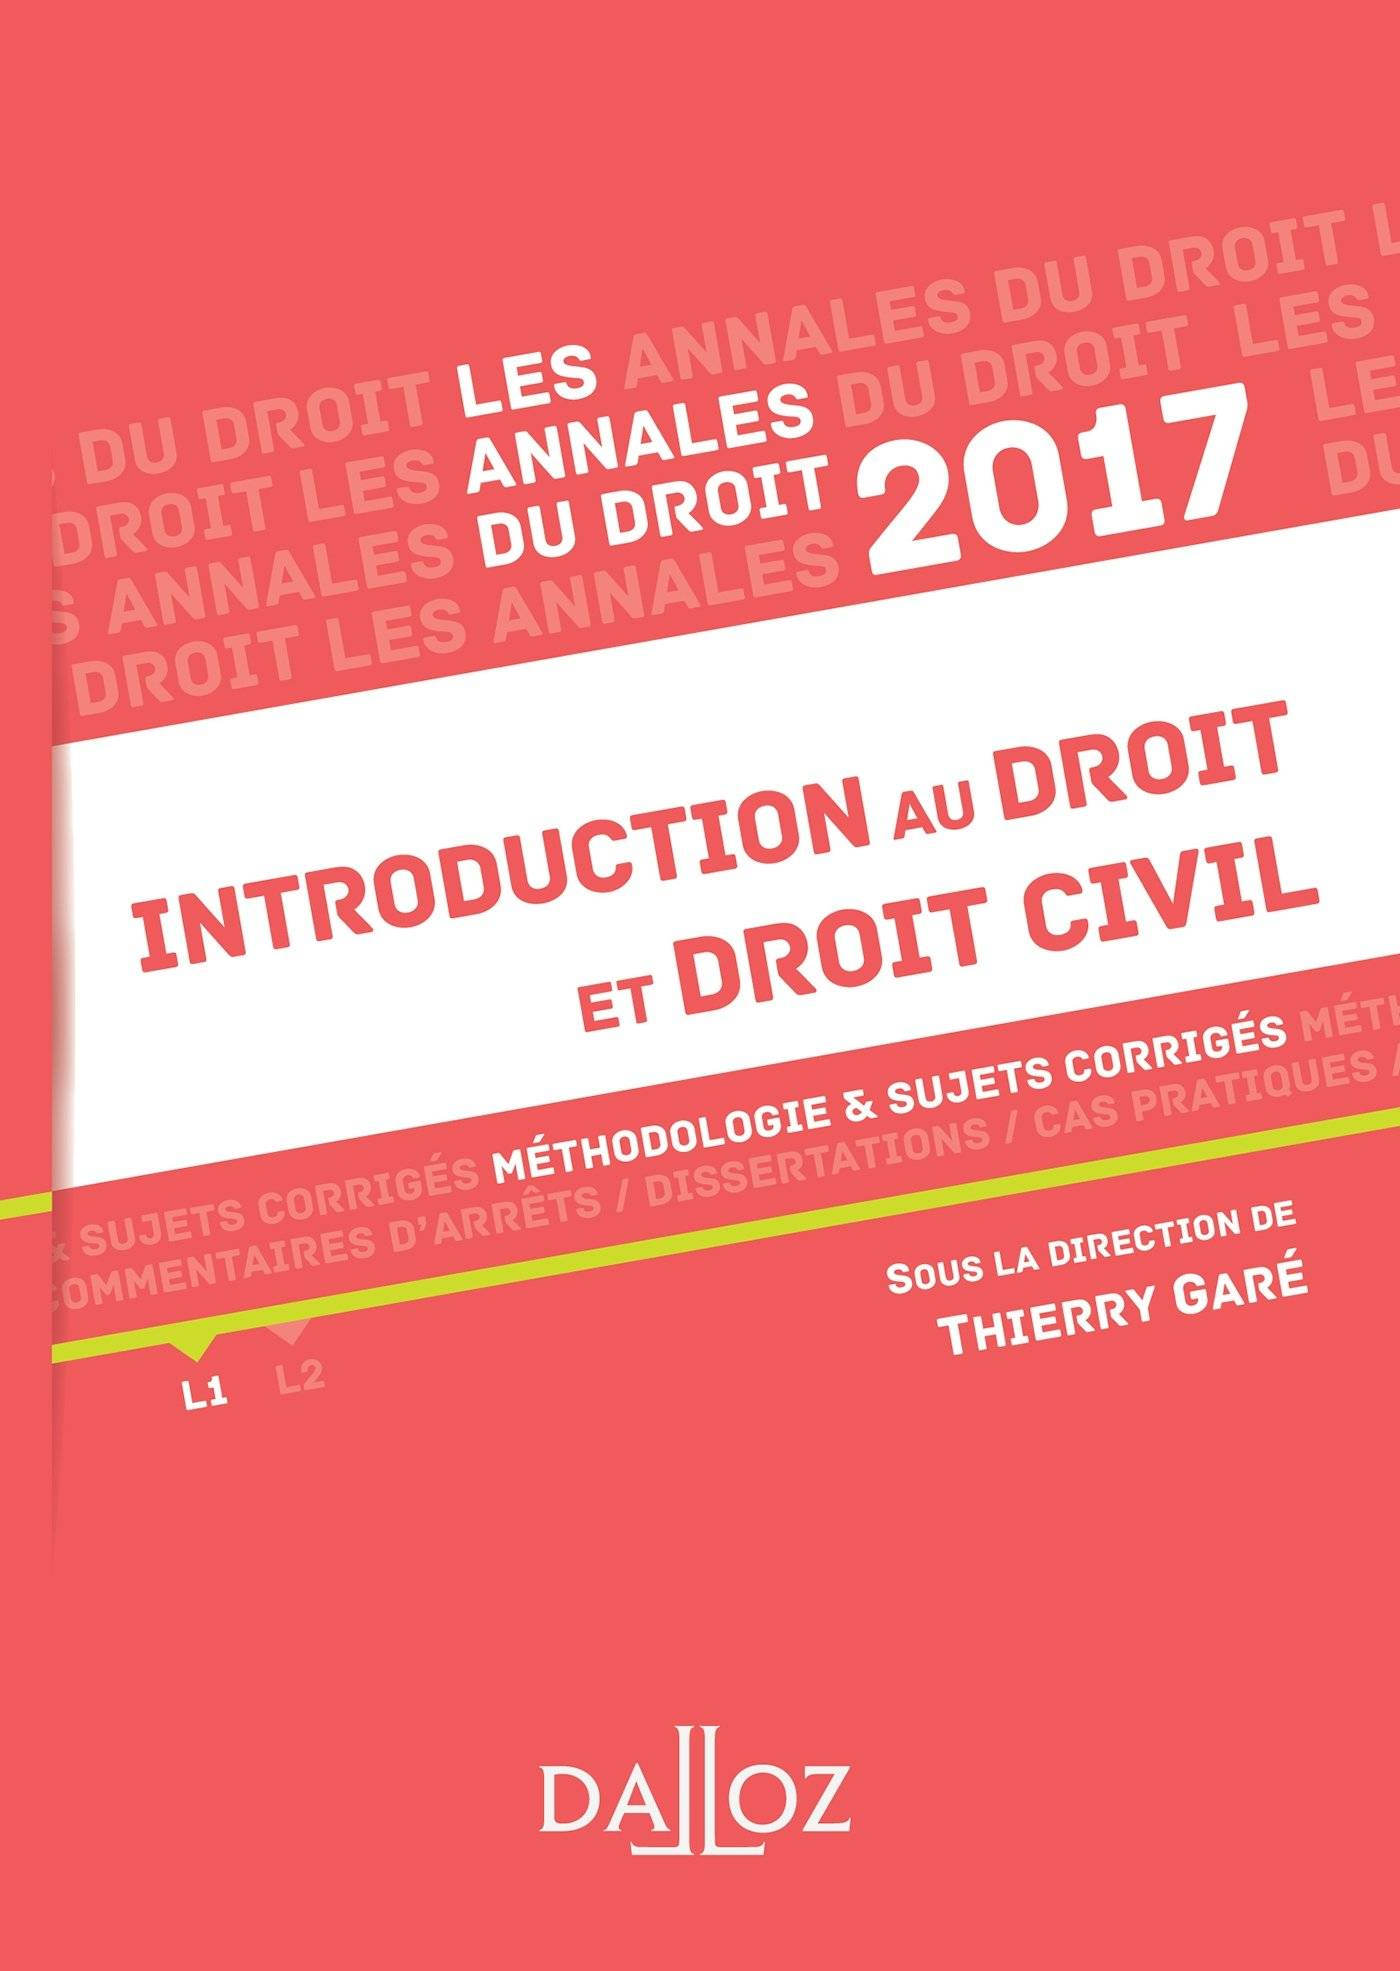 Annales Introduction au droit et droit civil 2017 : Méthodologie & sujets corrigés